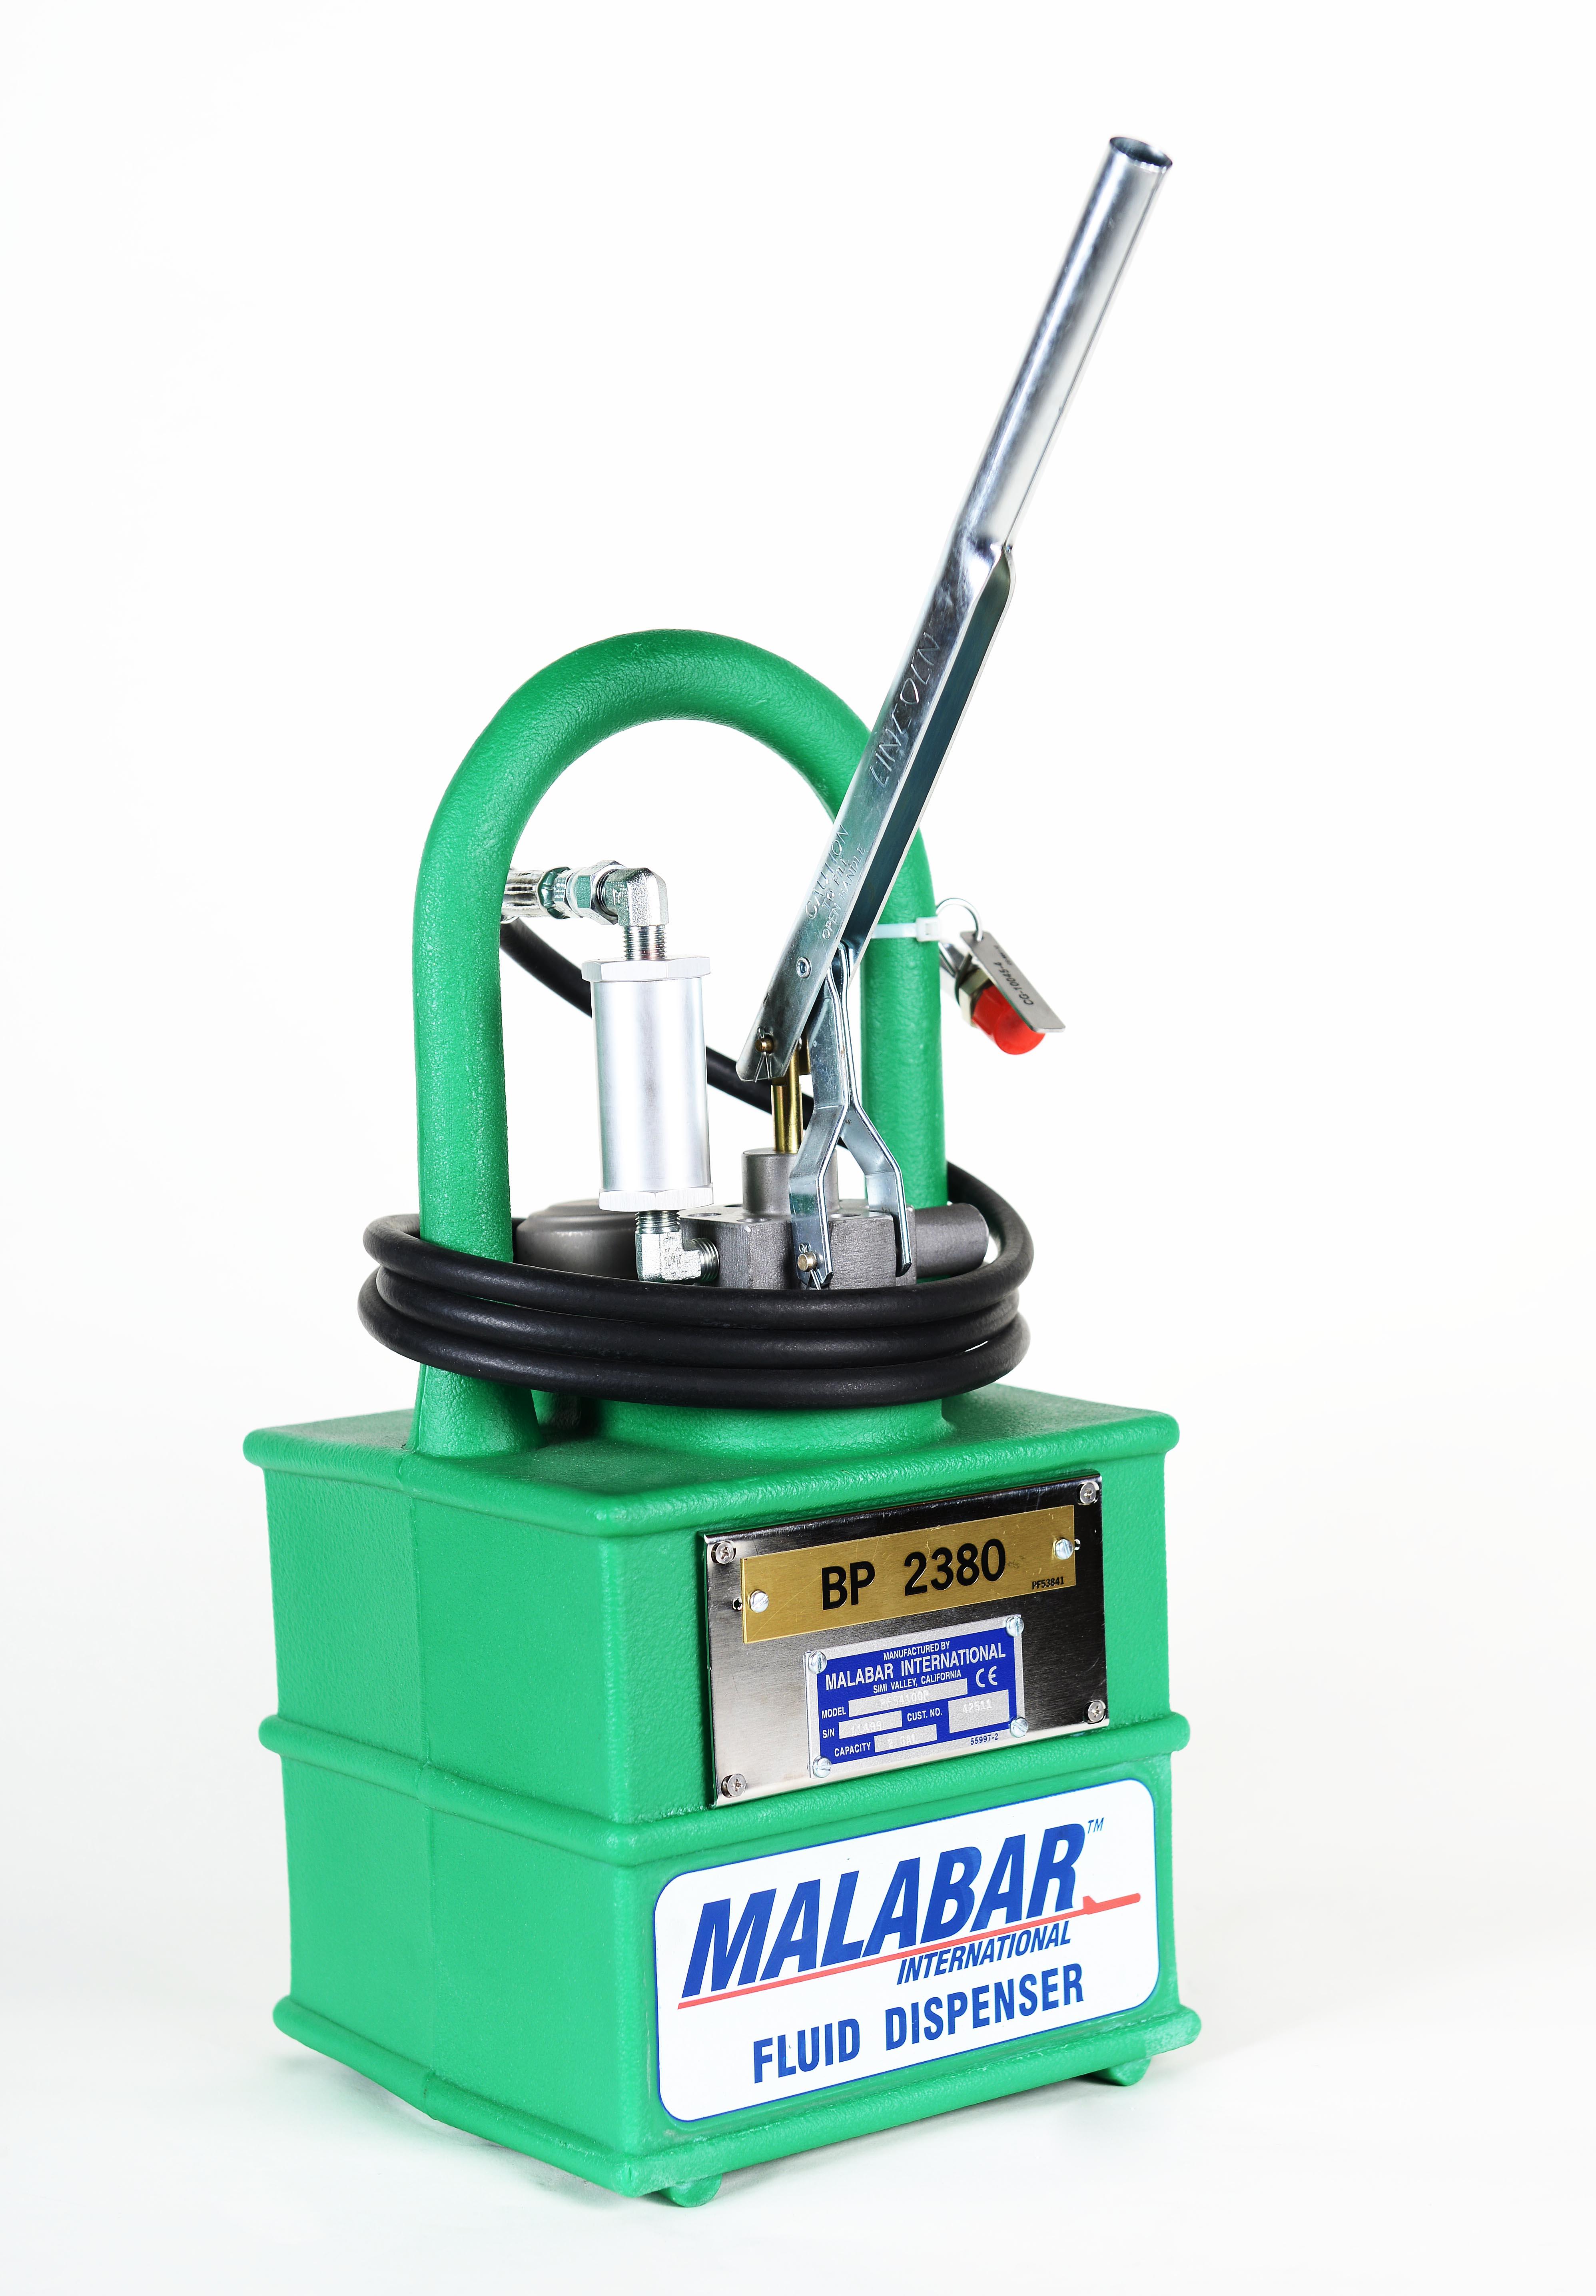 Malabar Fluid Dispenser Model 250